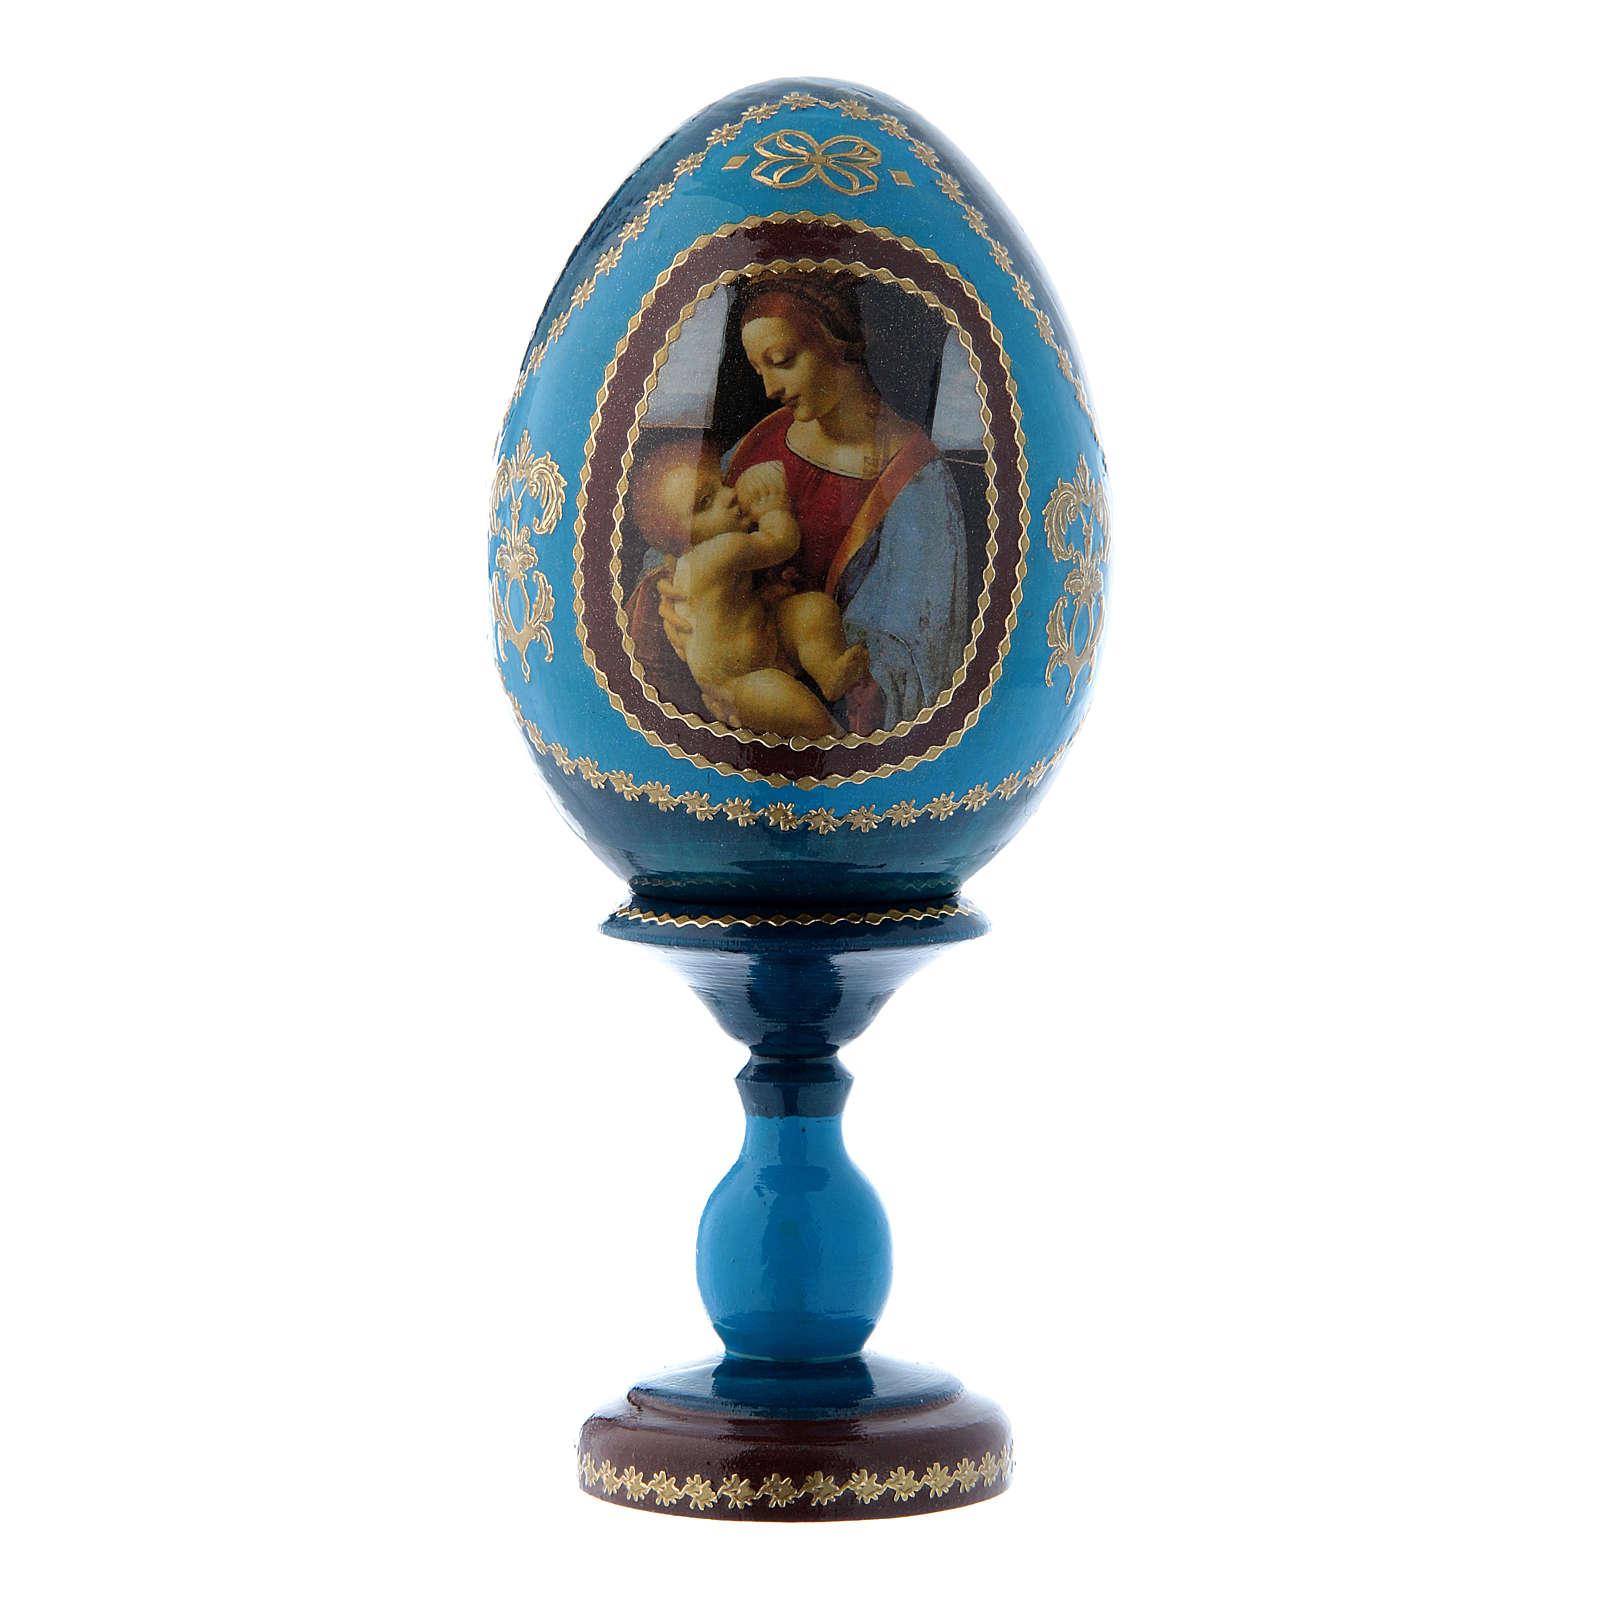 Huevo La virgen Litta ruso azul de madera decorado a mano h tot 16 cm 4